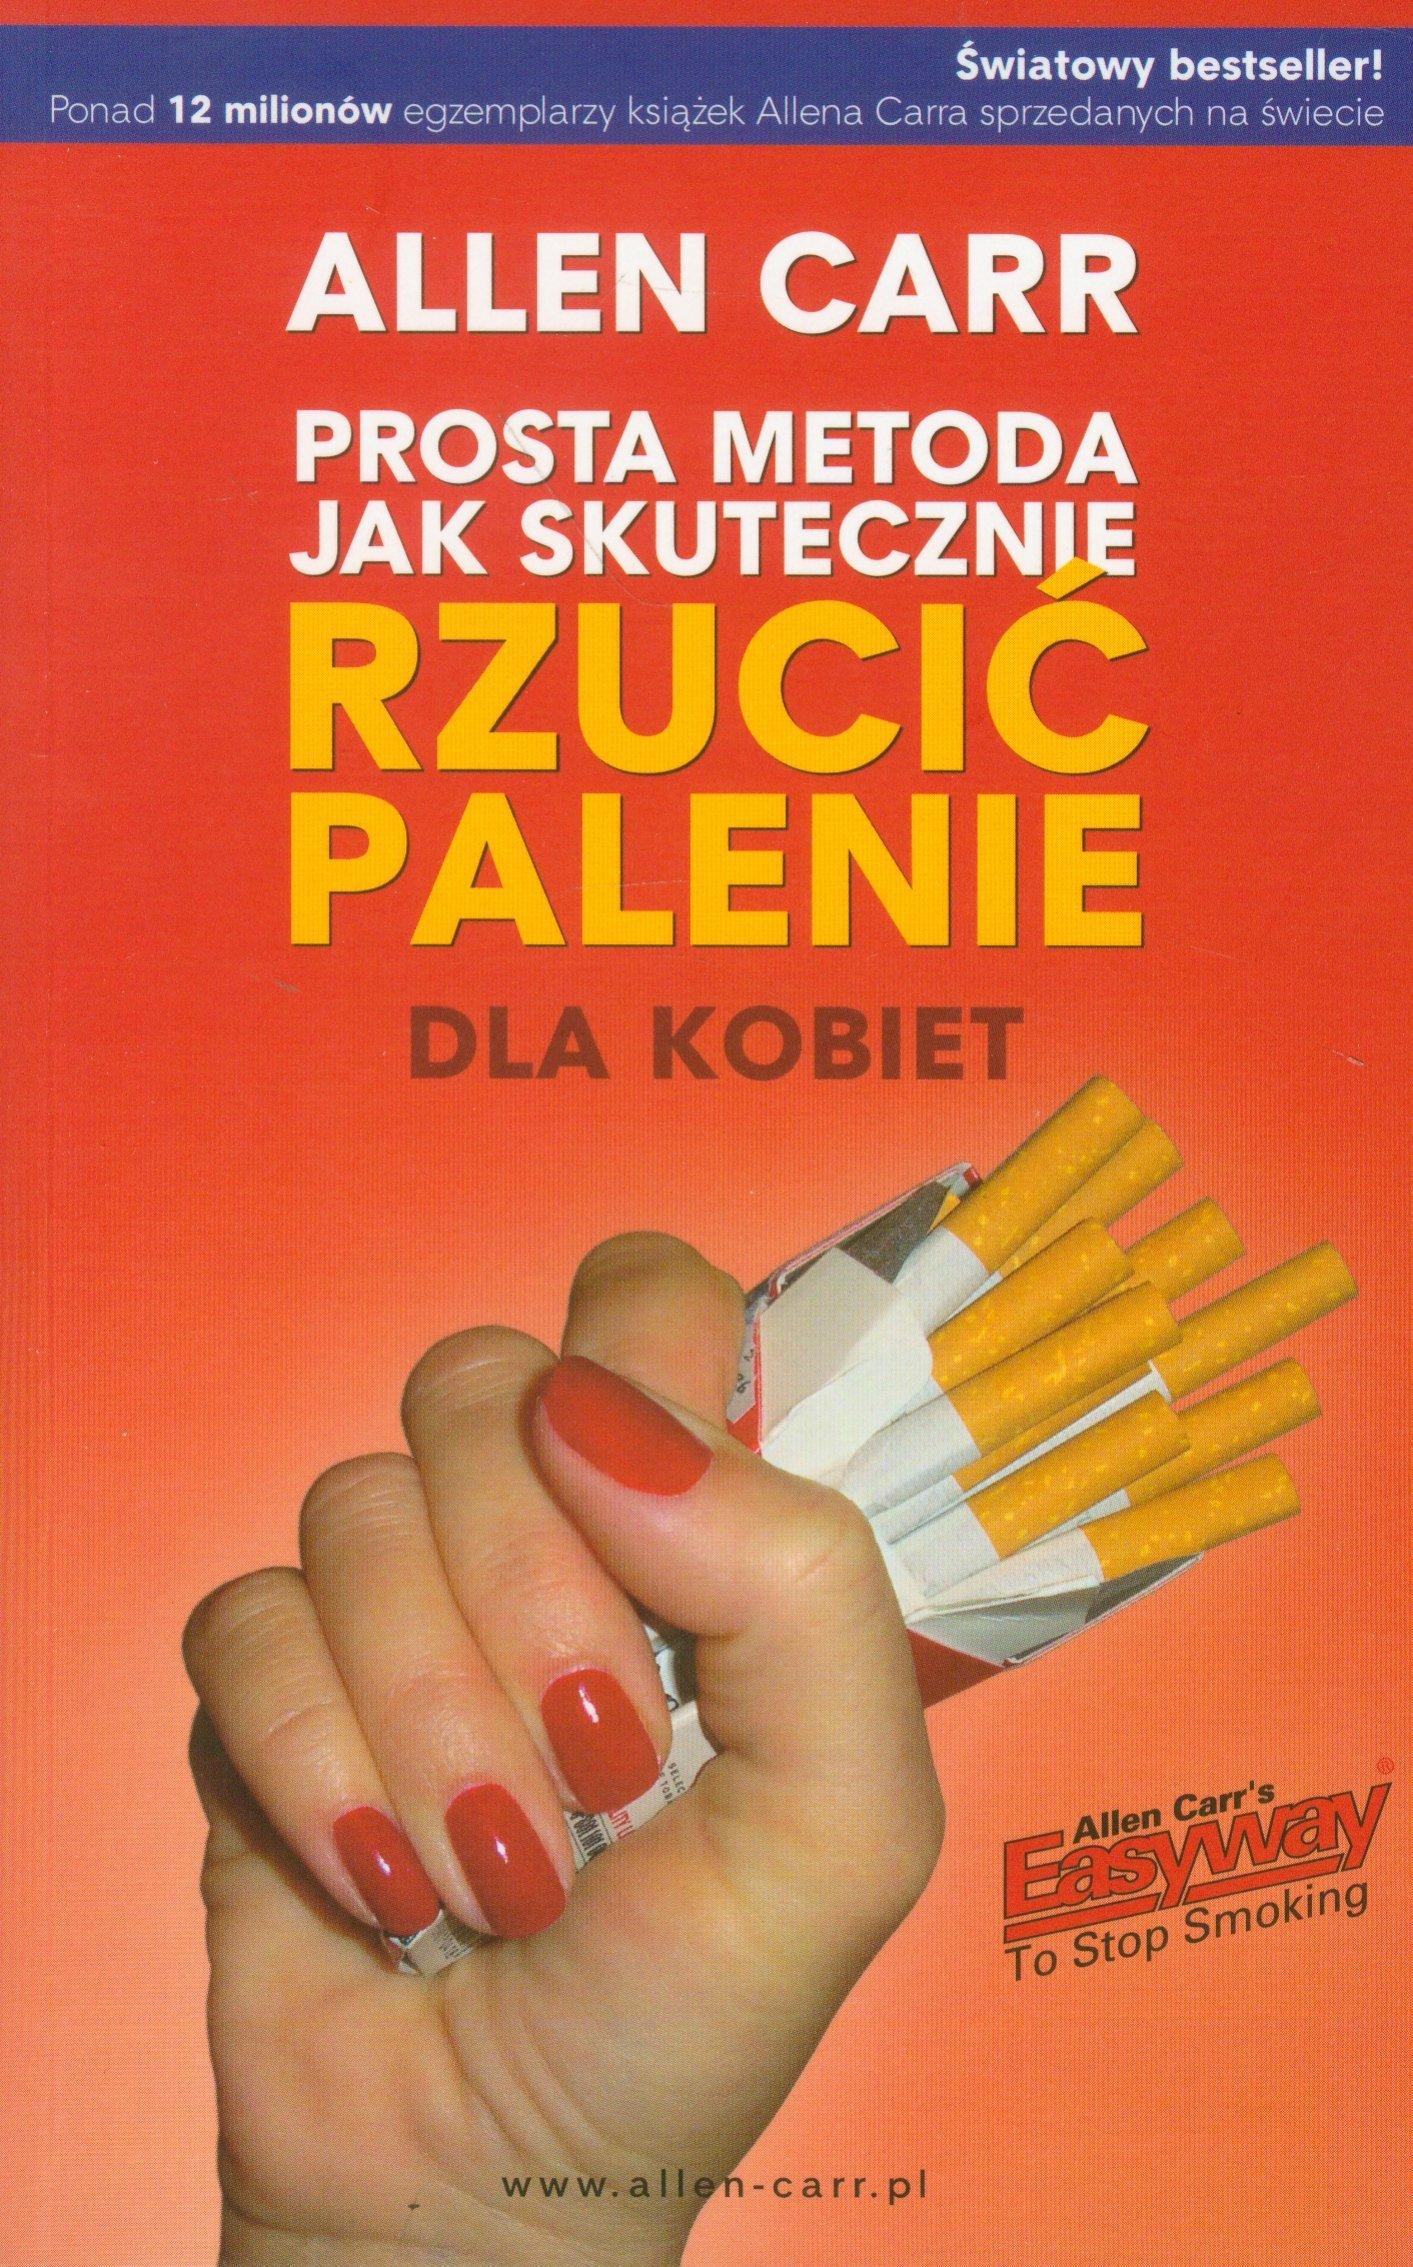 Prosta metoda jak skutecznie rzucic palenie dla kobiet